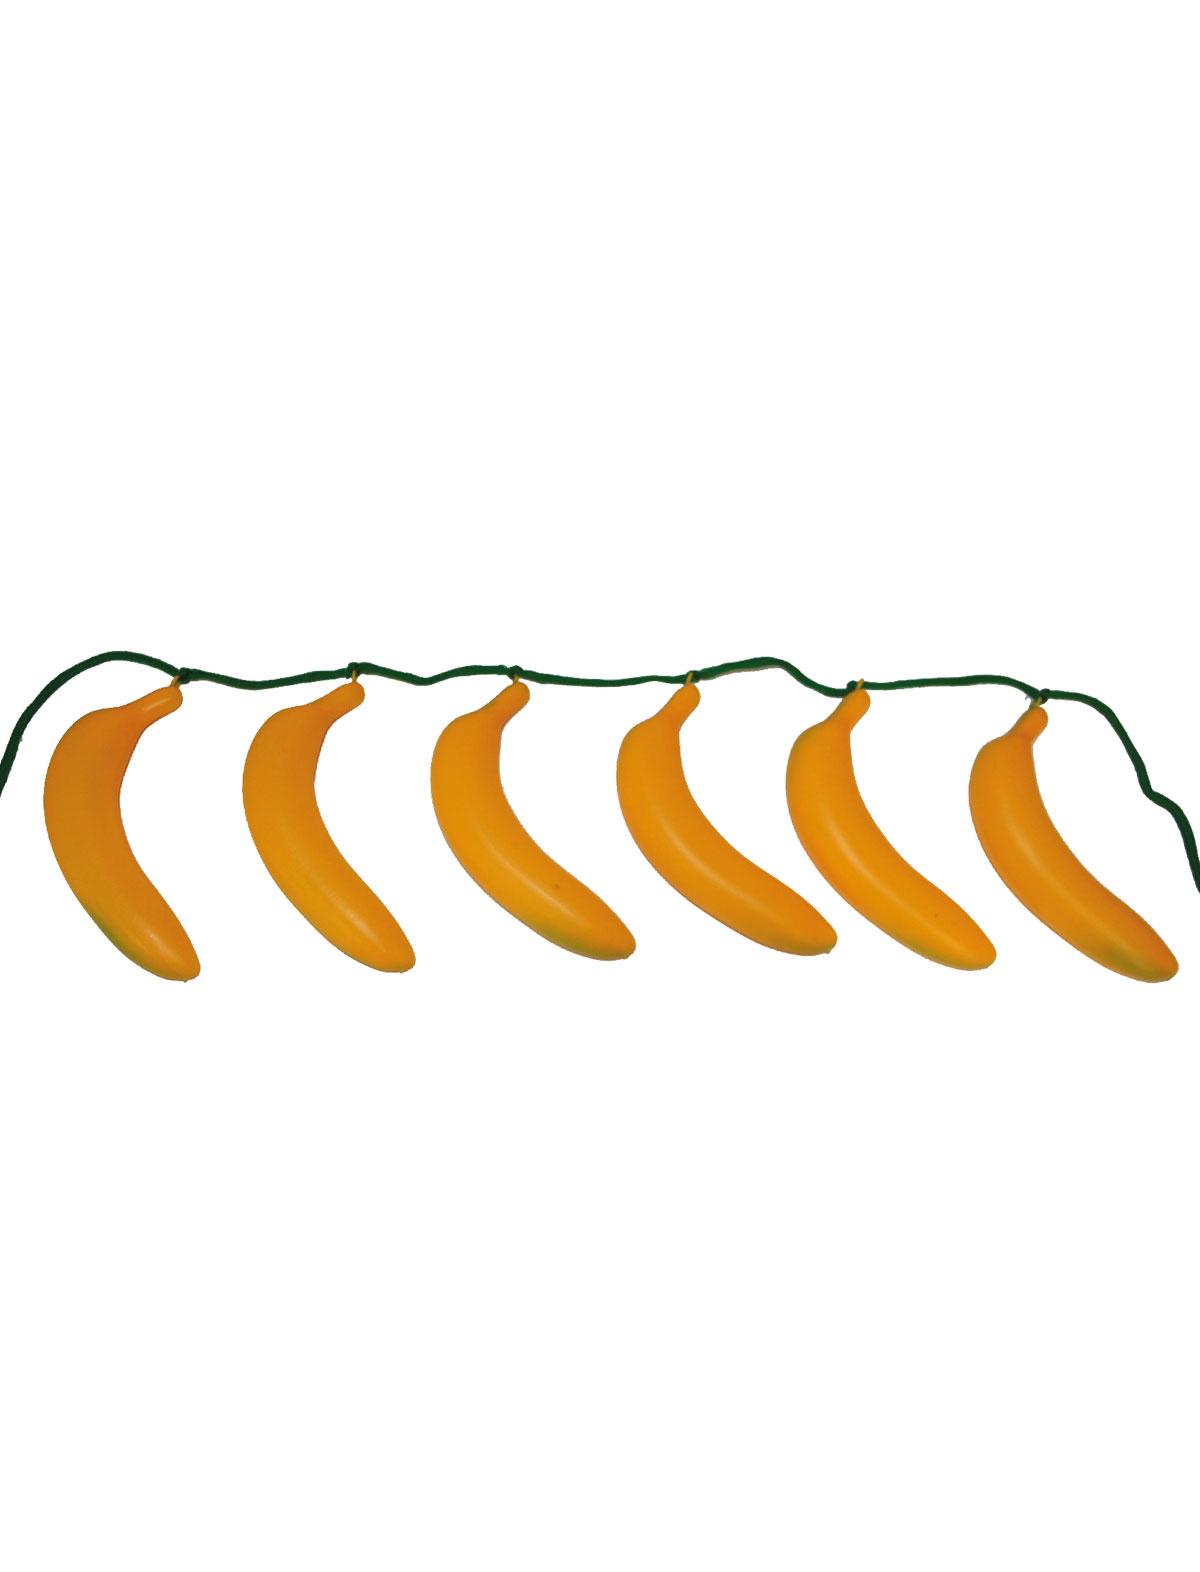 Bananengürtel